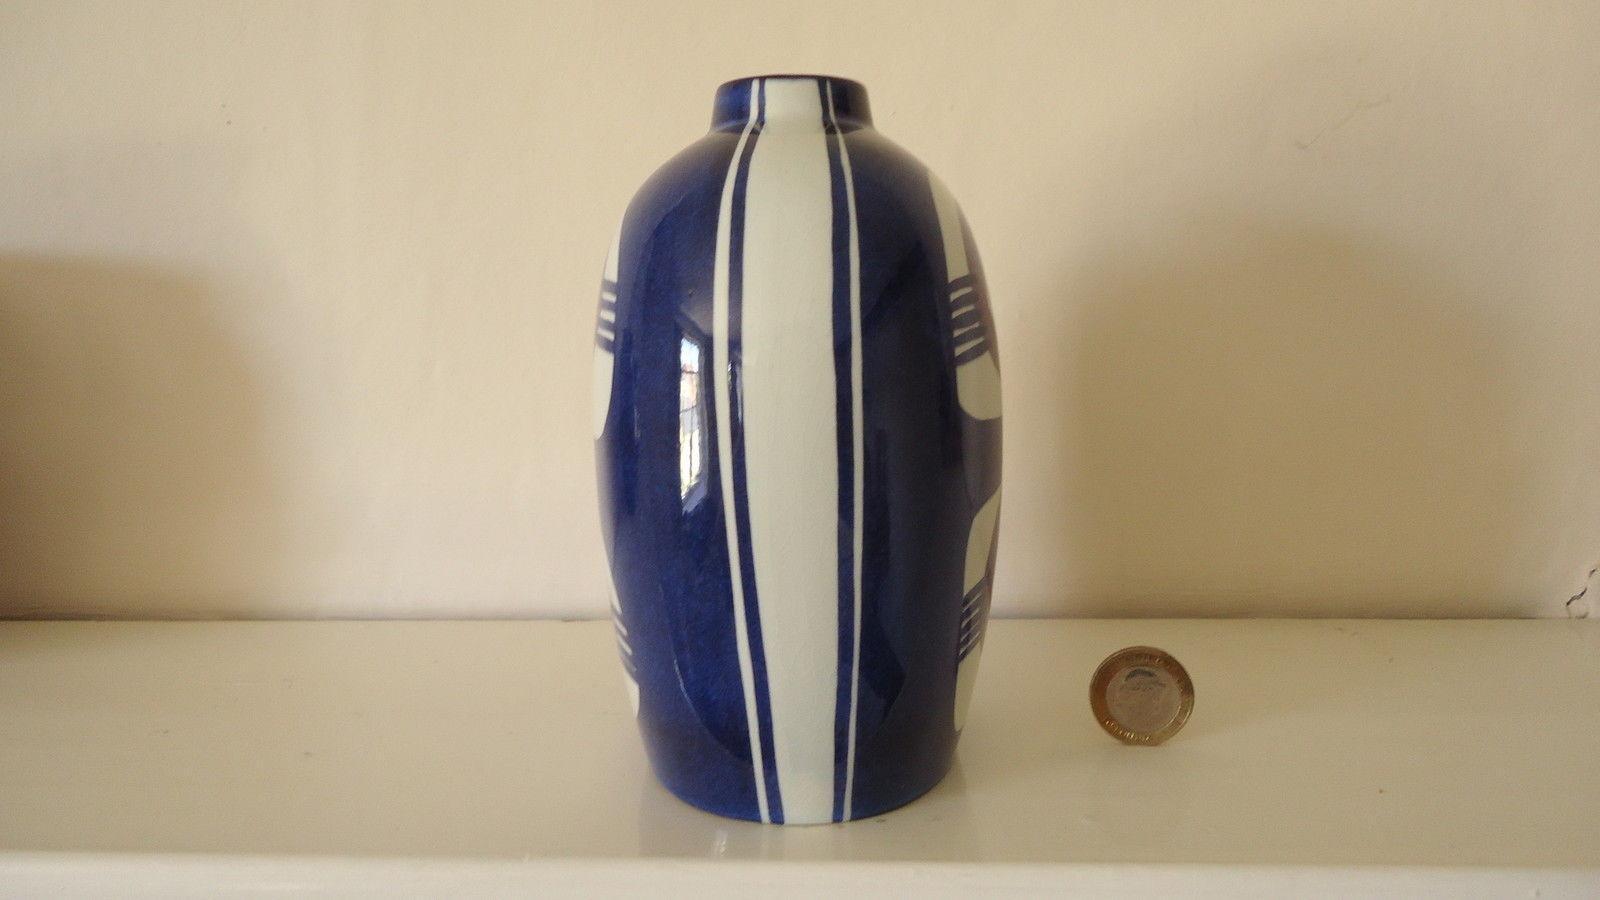 royal copenhagen denmark vase of inge lise kofoed royal copenhagen vase 1779291702 intended for inge lise kofoed royal copenhagen 360 aa80cb75a5fc0a2aaae138ee74a0a43a